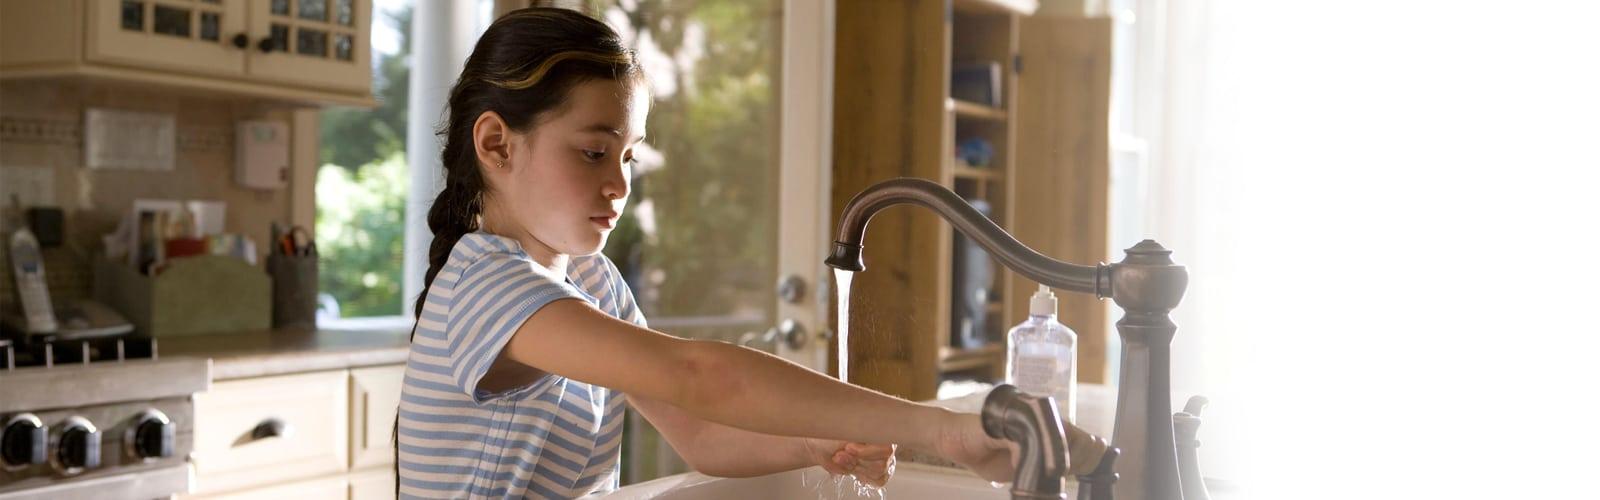 Retour à l'école : que faut-t-il savoir sur le protocole sanitaire de la réouverture des classes ?